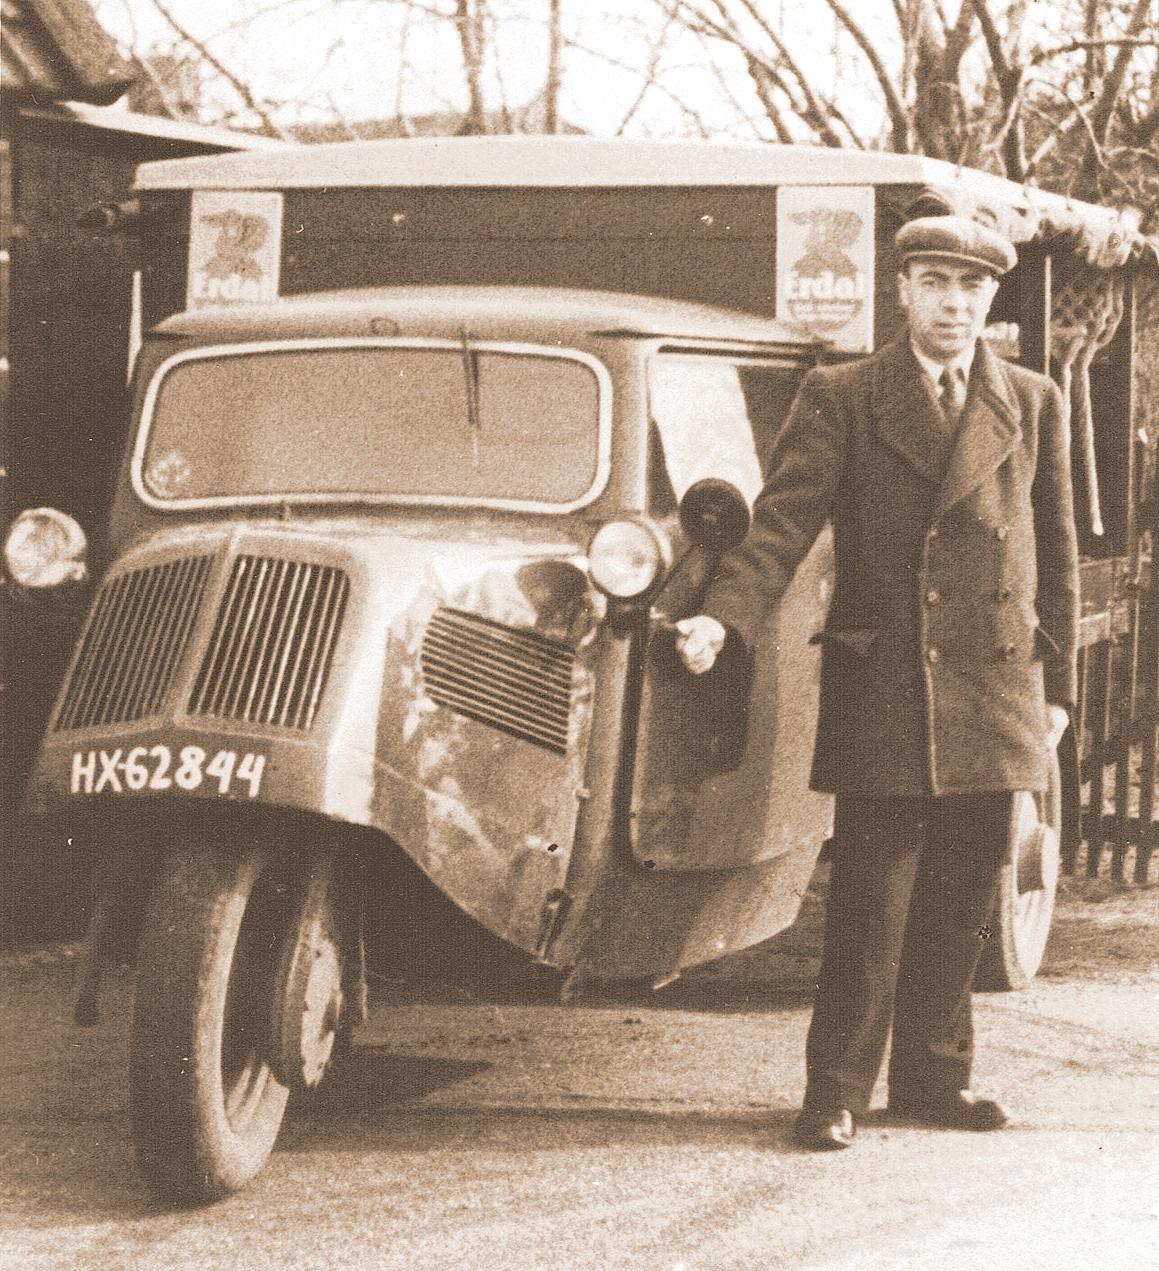 Nico-Cats-uit-Hei-en-Boeicop-had-begin--jaren-50-in-deze-Tempo-driewieler-zijn-rijdende-winkel-in-huishoudelijke-artikelen